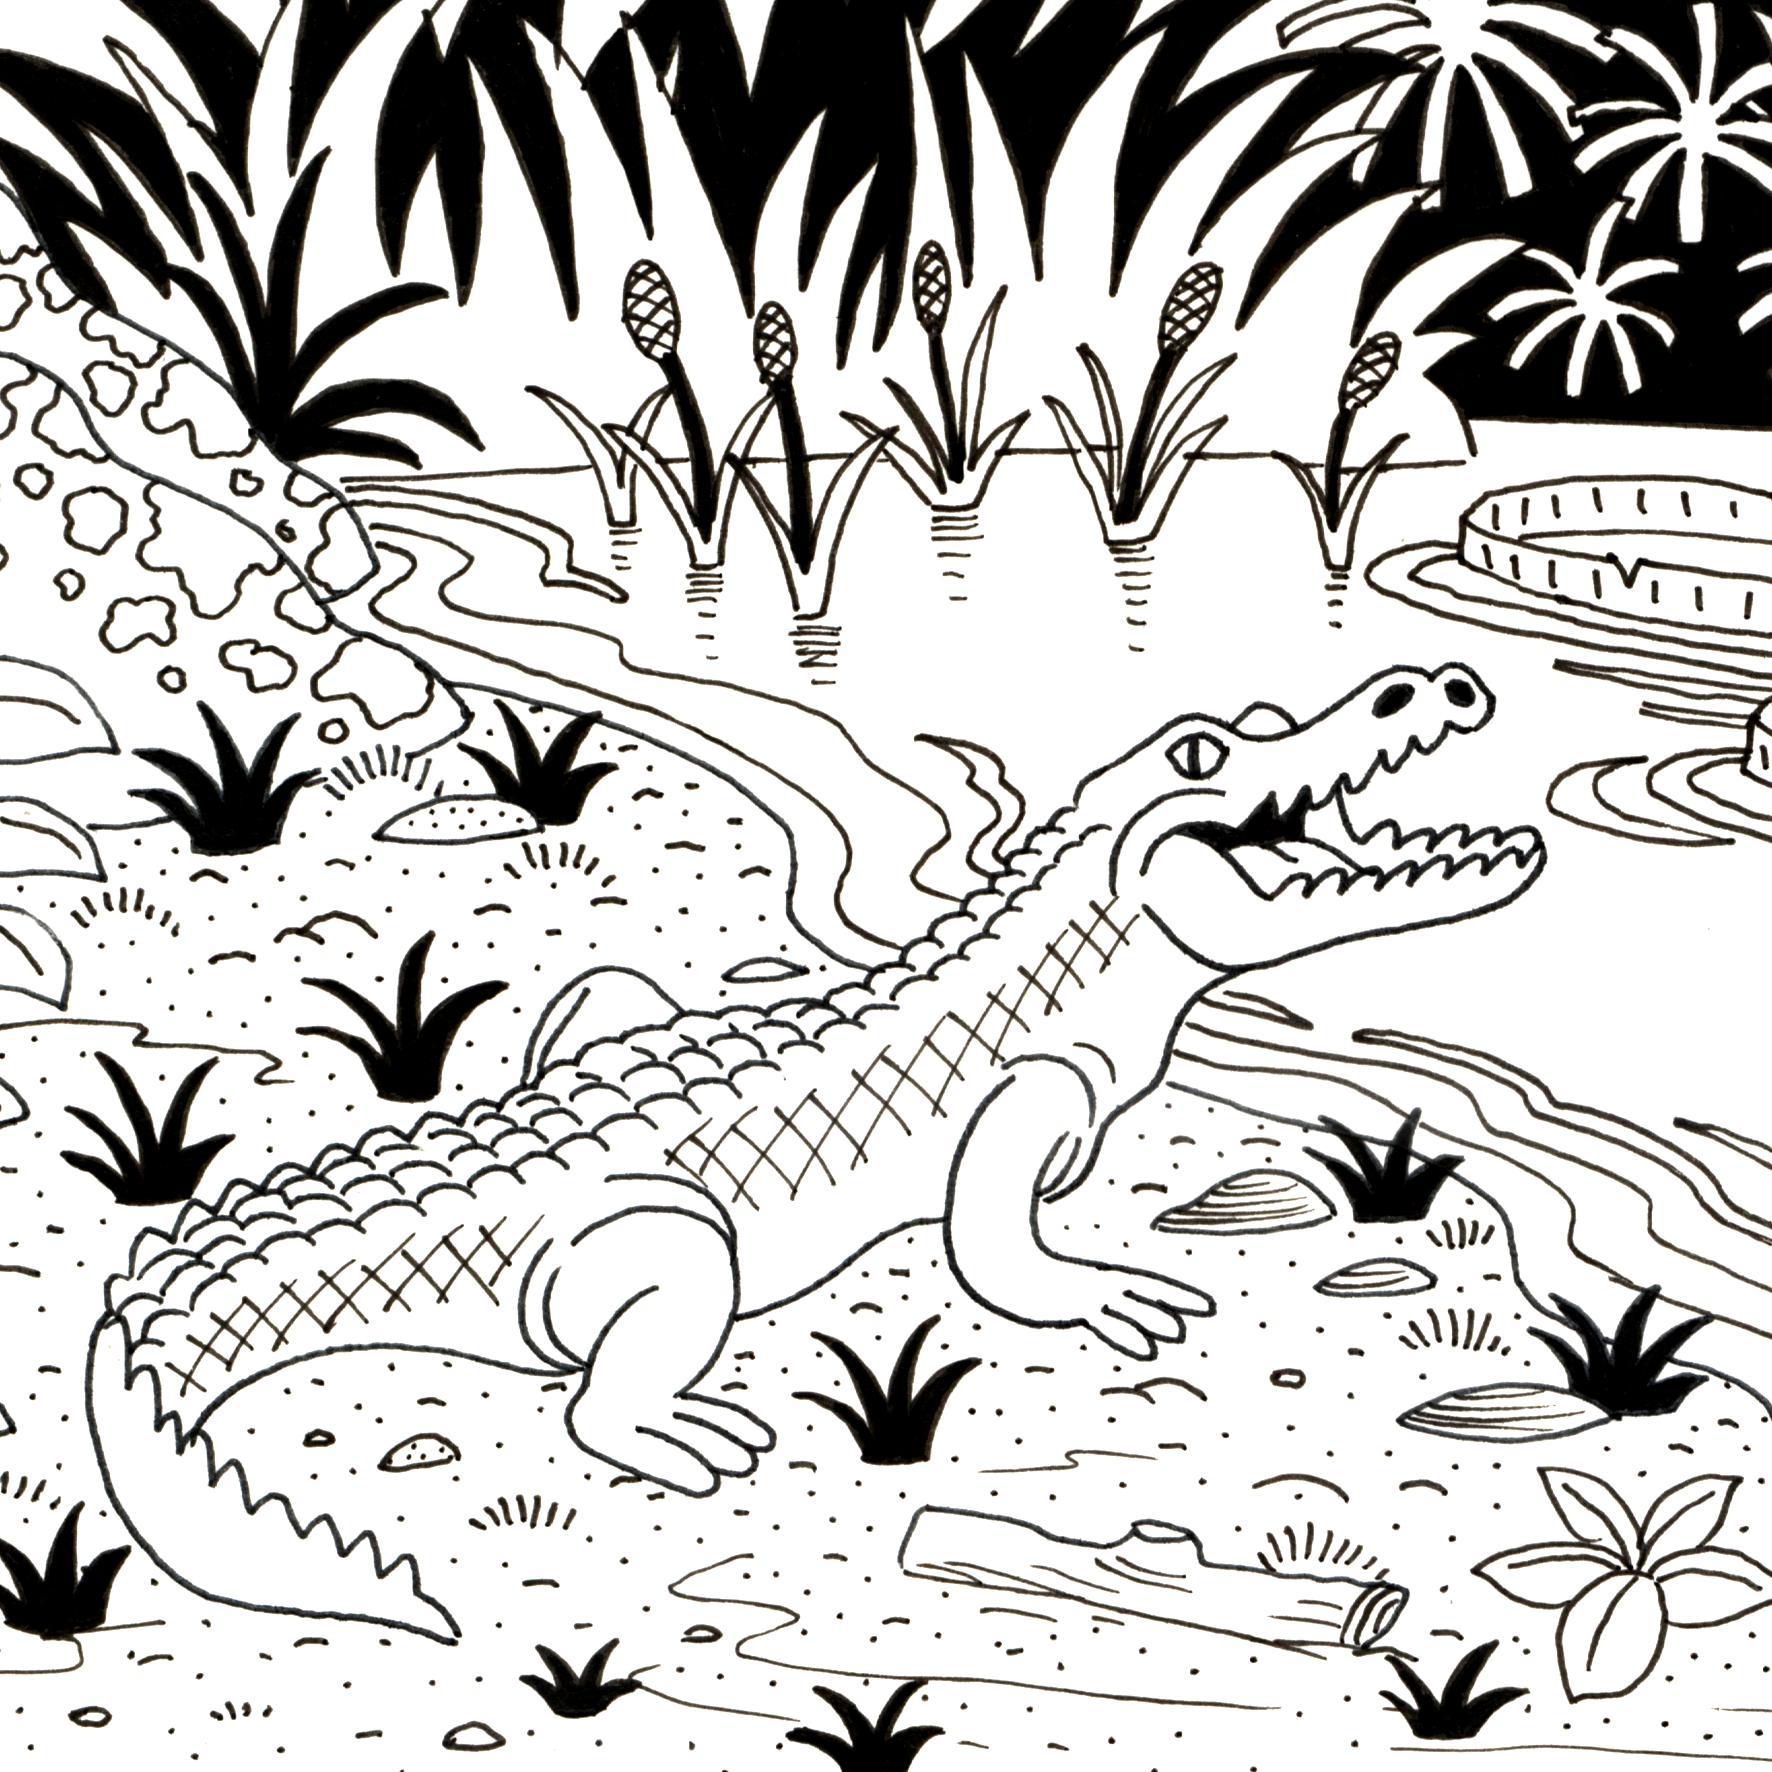 Ressources ducatives libres les ressources libres du projet abul du - Crocodile en dessin ...